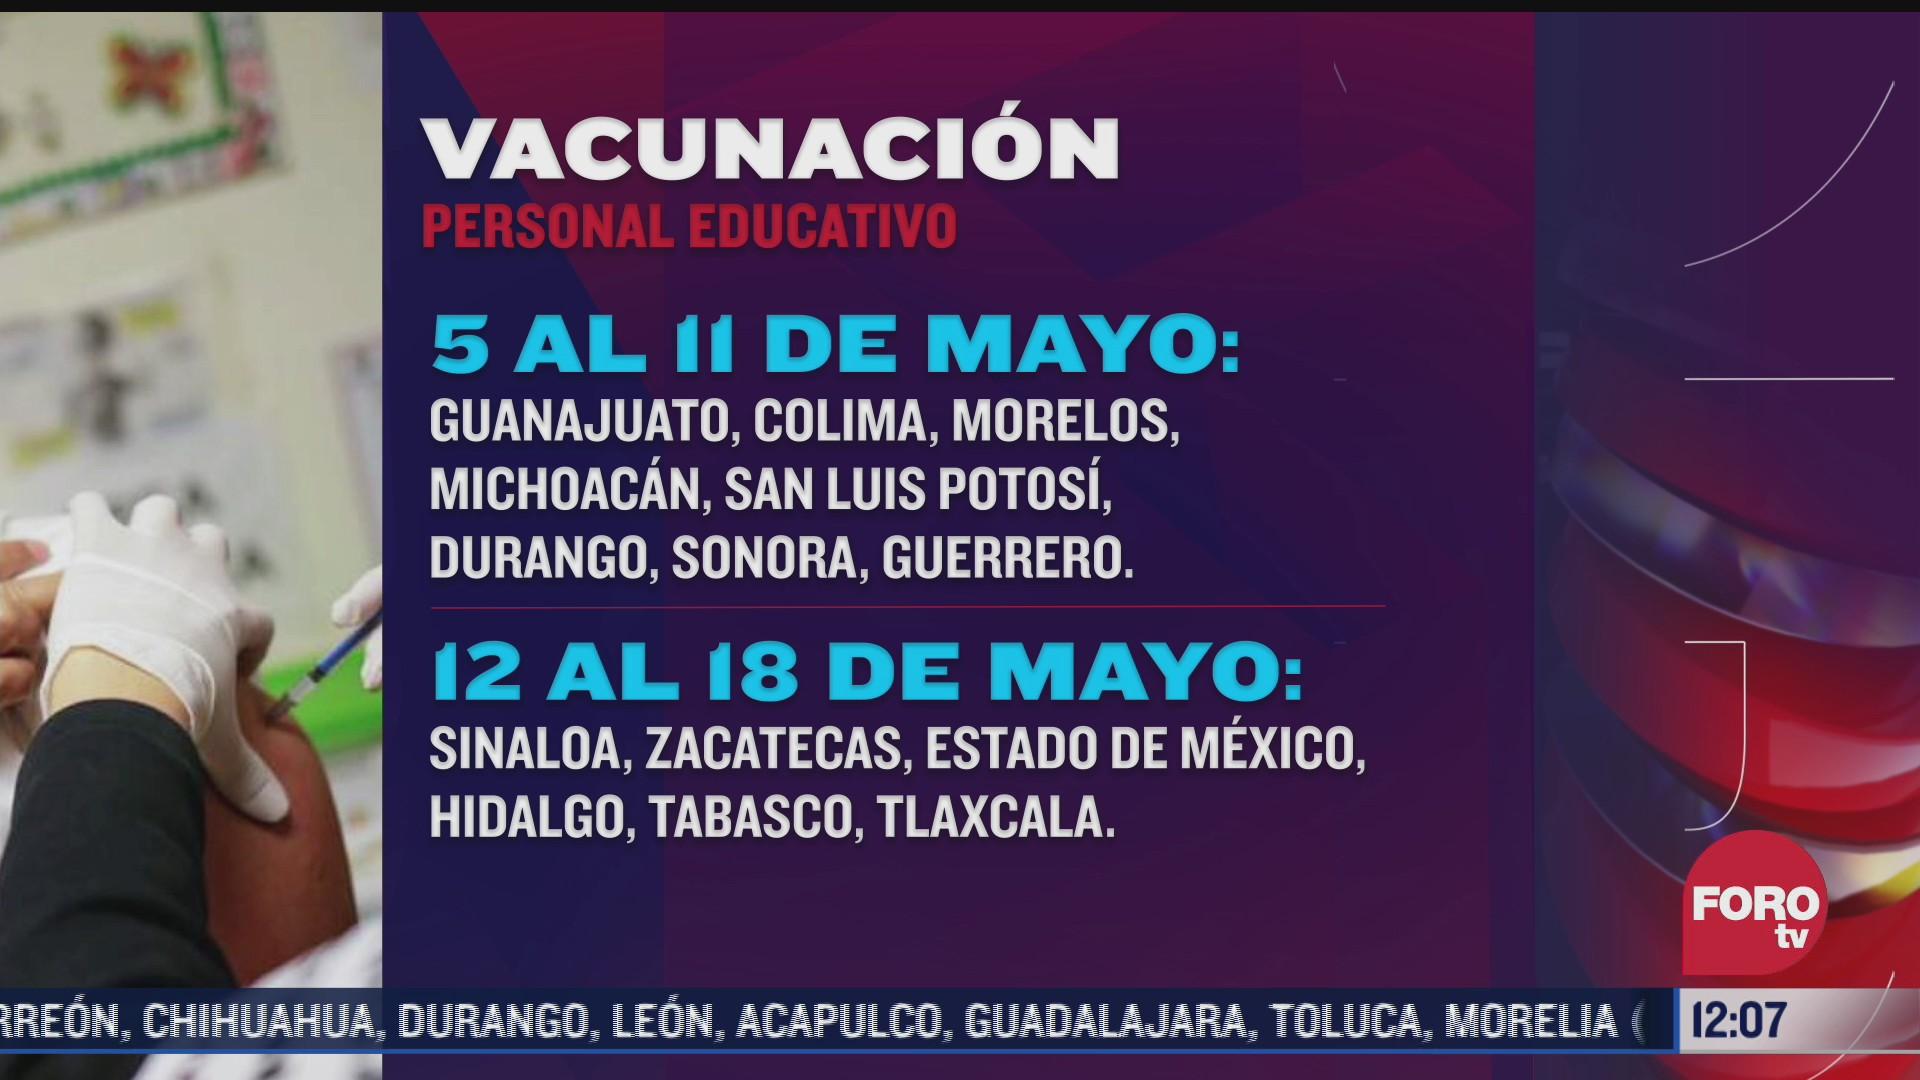 dan a conocer el calendario de vacunacion para personal educativo en mexico